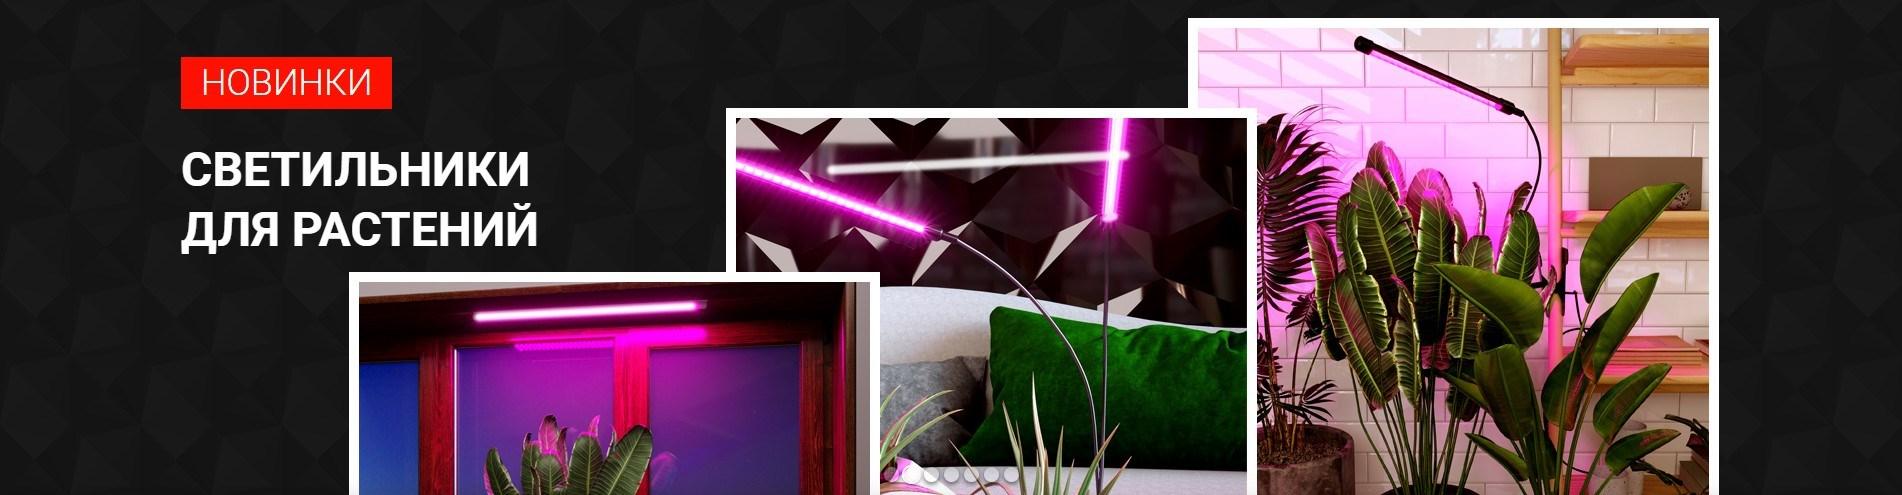 Светильники для растений в Митино и Зеленограде